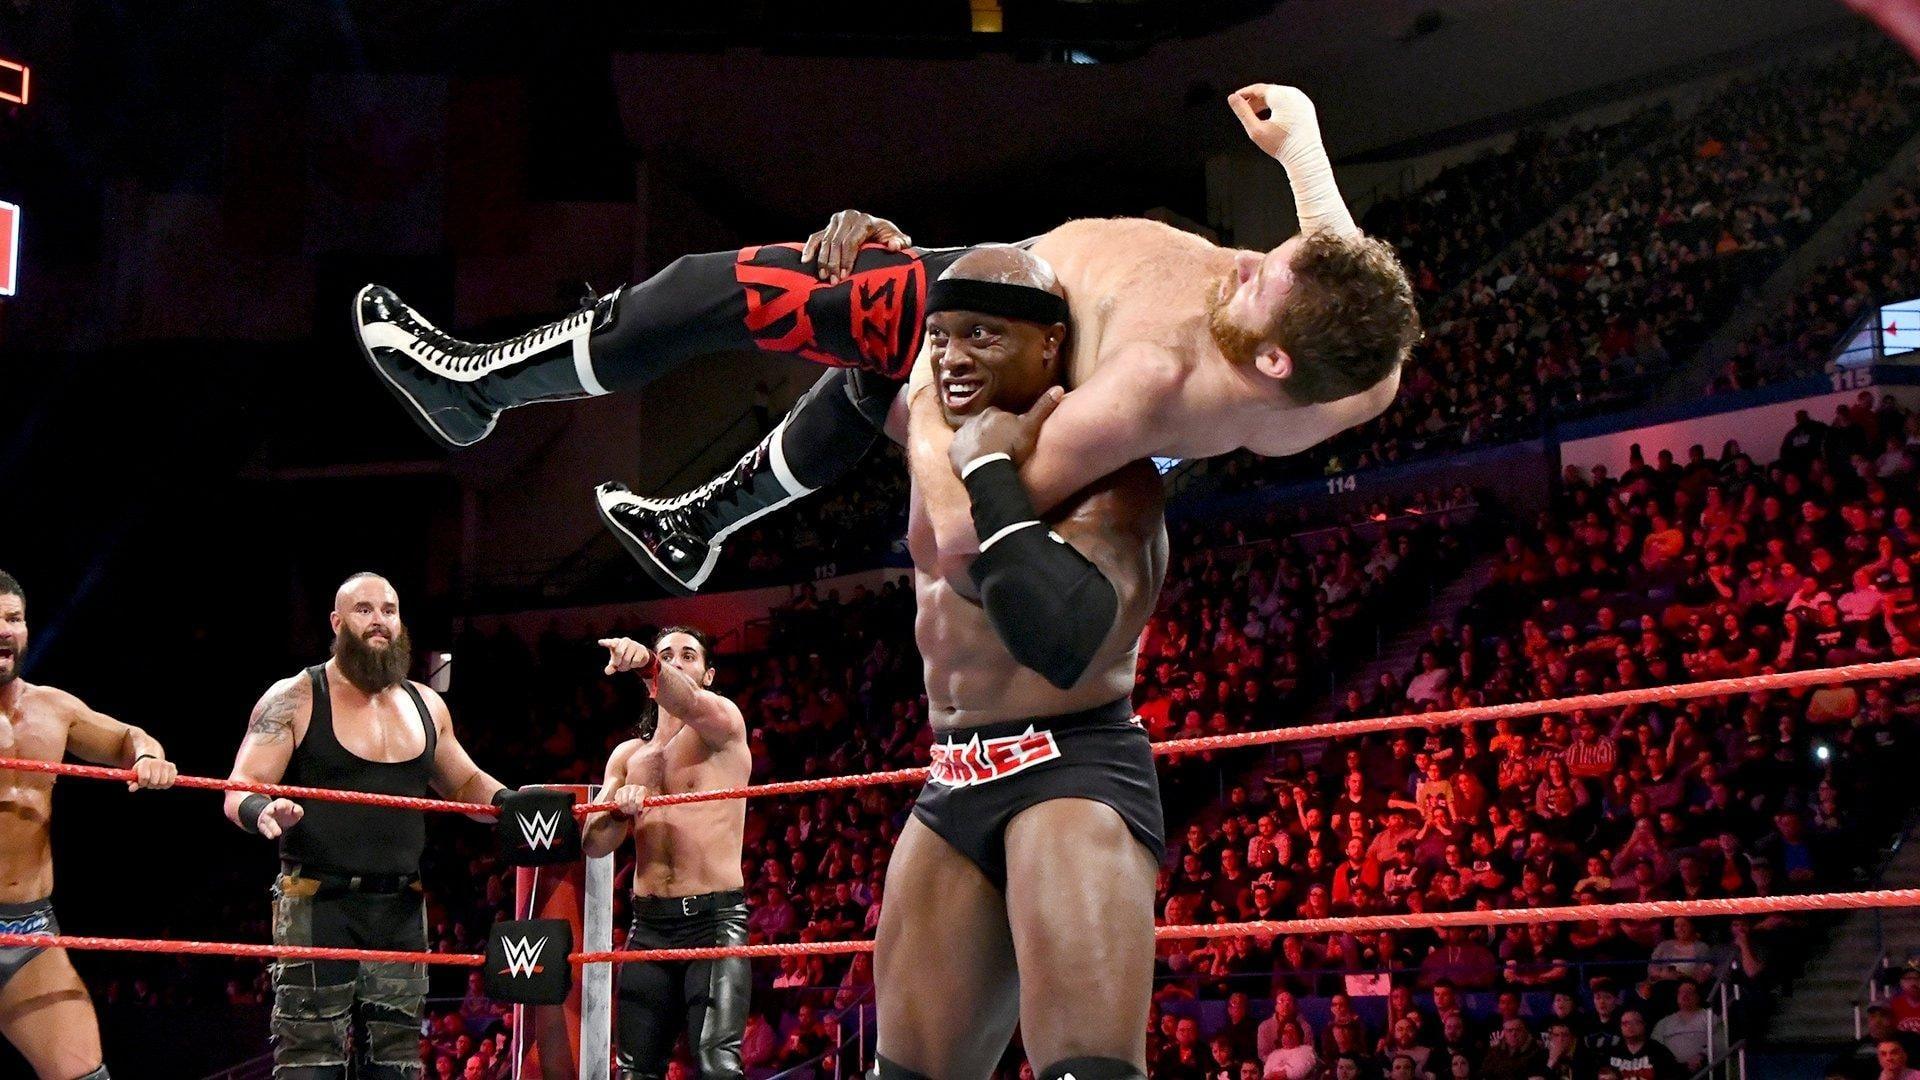 WWE Raw - Season 26 Episode 16 : April 16, 2018 (Hartford, CT) (1970)